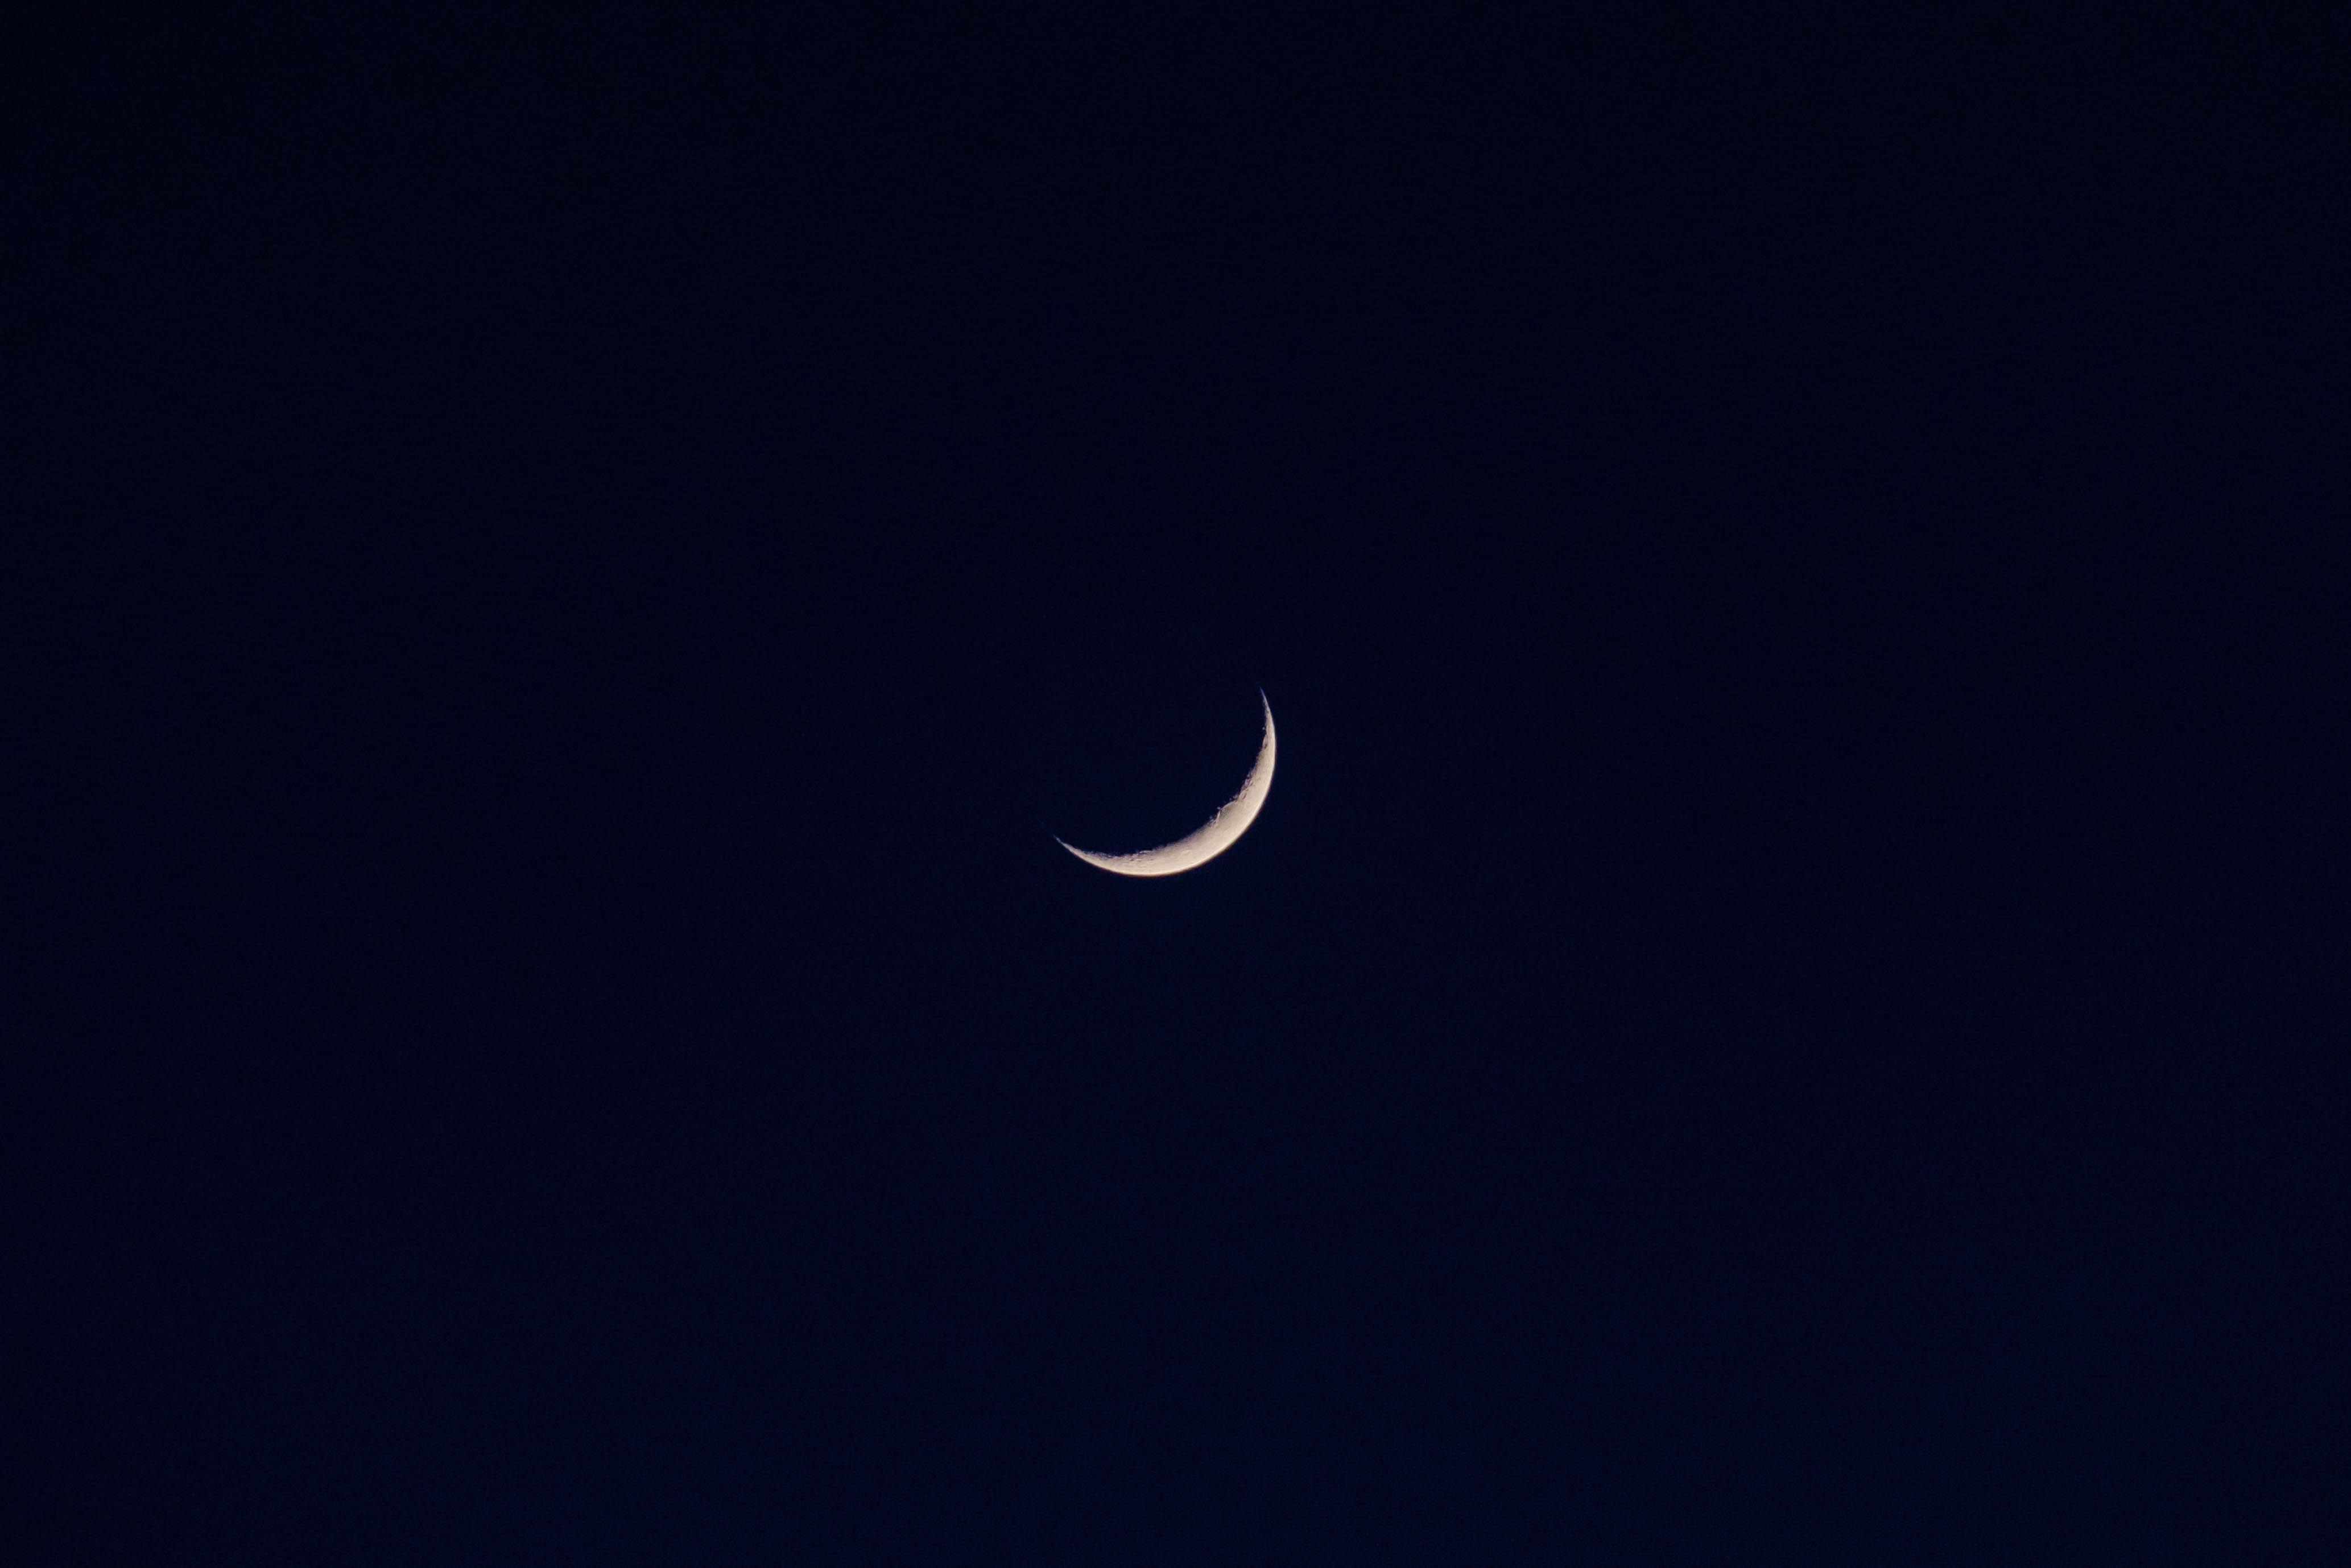 111220 скачать обои Луна, Небо, Ночь, Черный, Минимализм, Темнота - заставки и картинки бесплатно